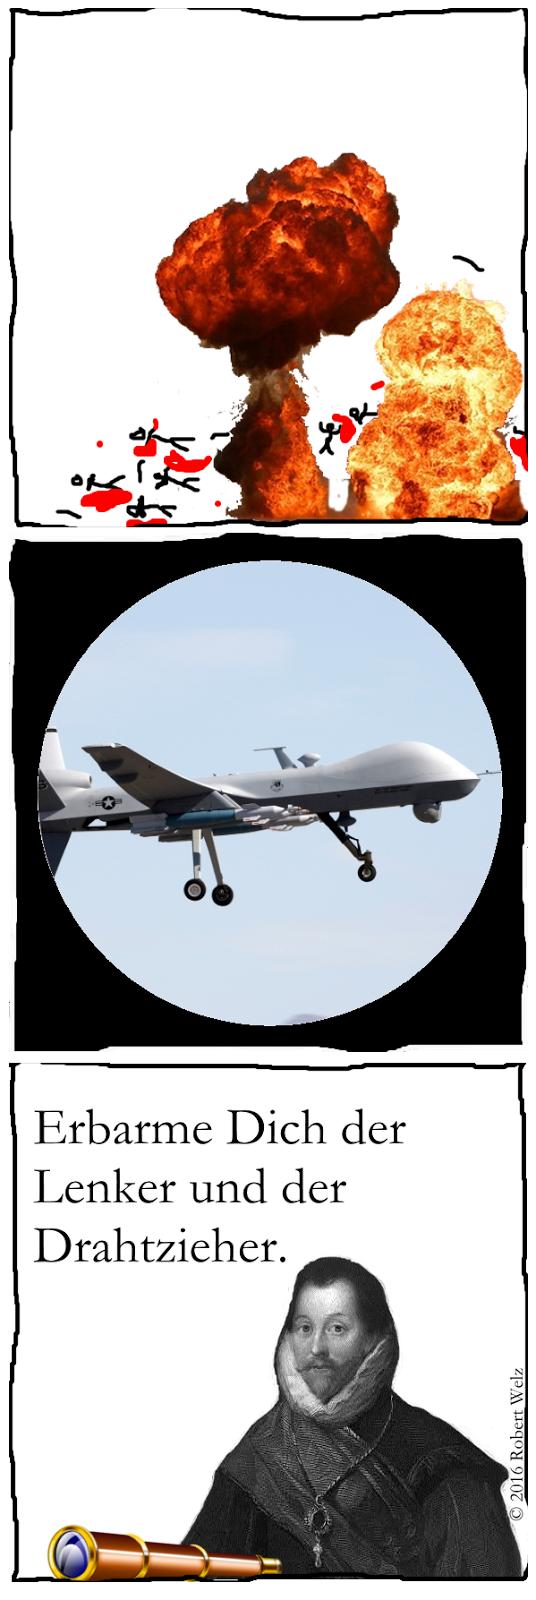 Drohnen, Völkerrecht, Unrecht, Mord, USA, Militär, Wegschauen, Verbrechen, Satire, Webcomic